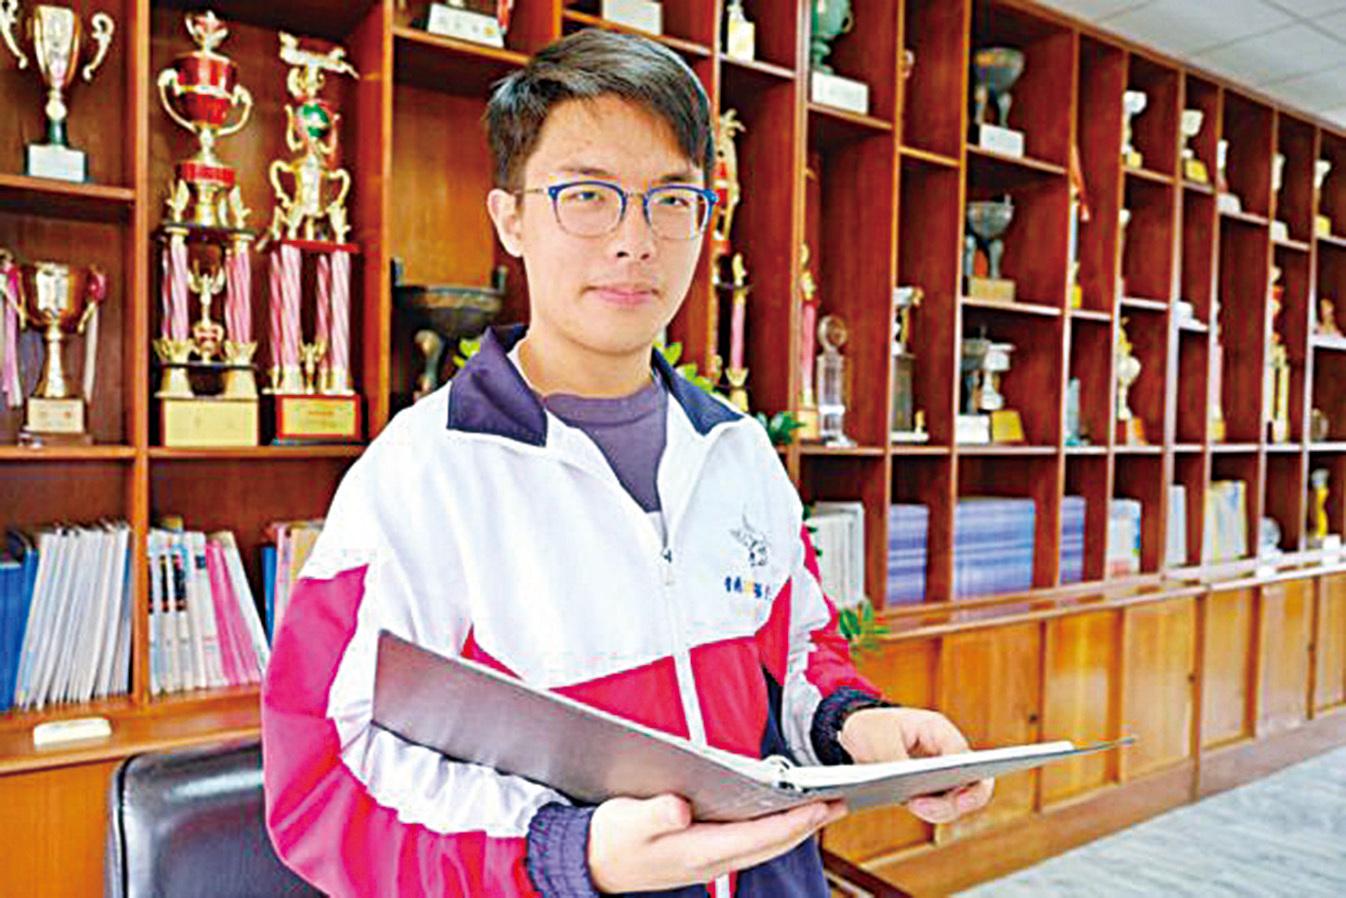 今年年初桃園市高中生楊宇荃以5科75滿級分的優異成績成為台灣大學學測狀元,他未來的志向是做一名無國界醫生。(中央社)